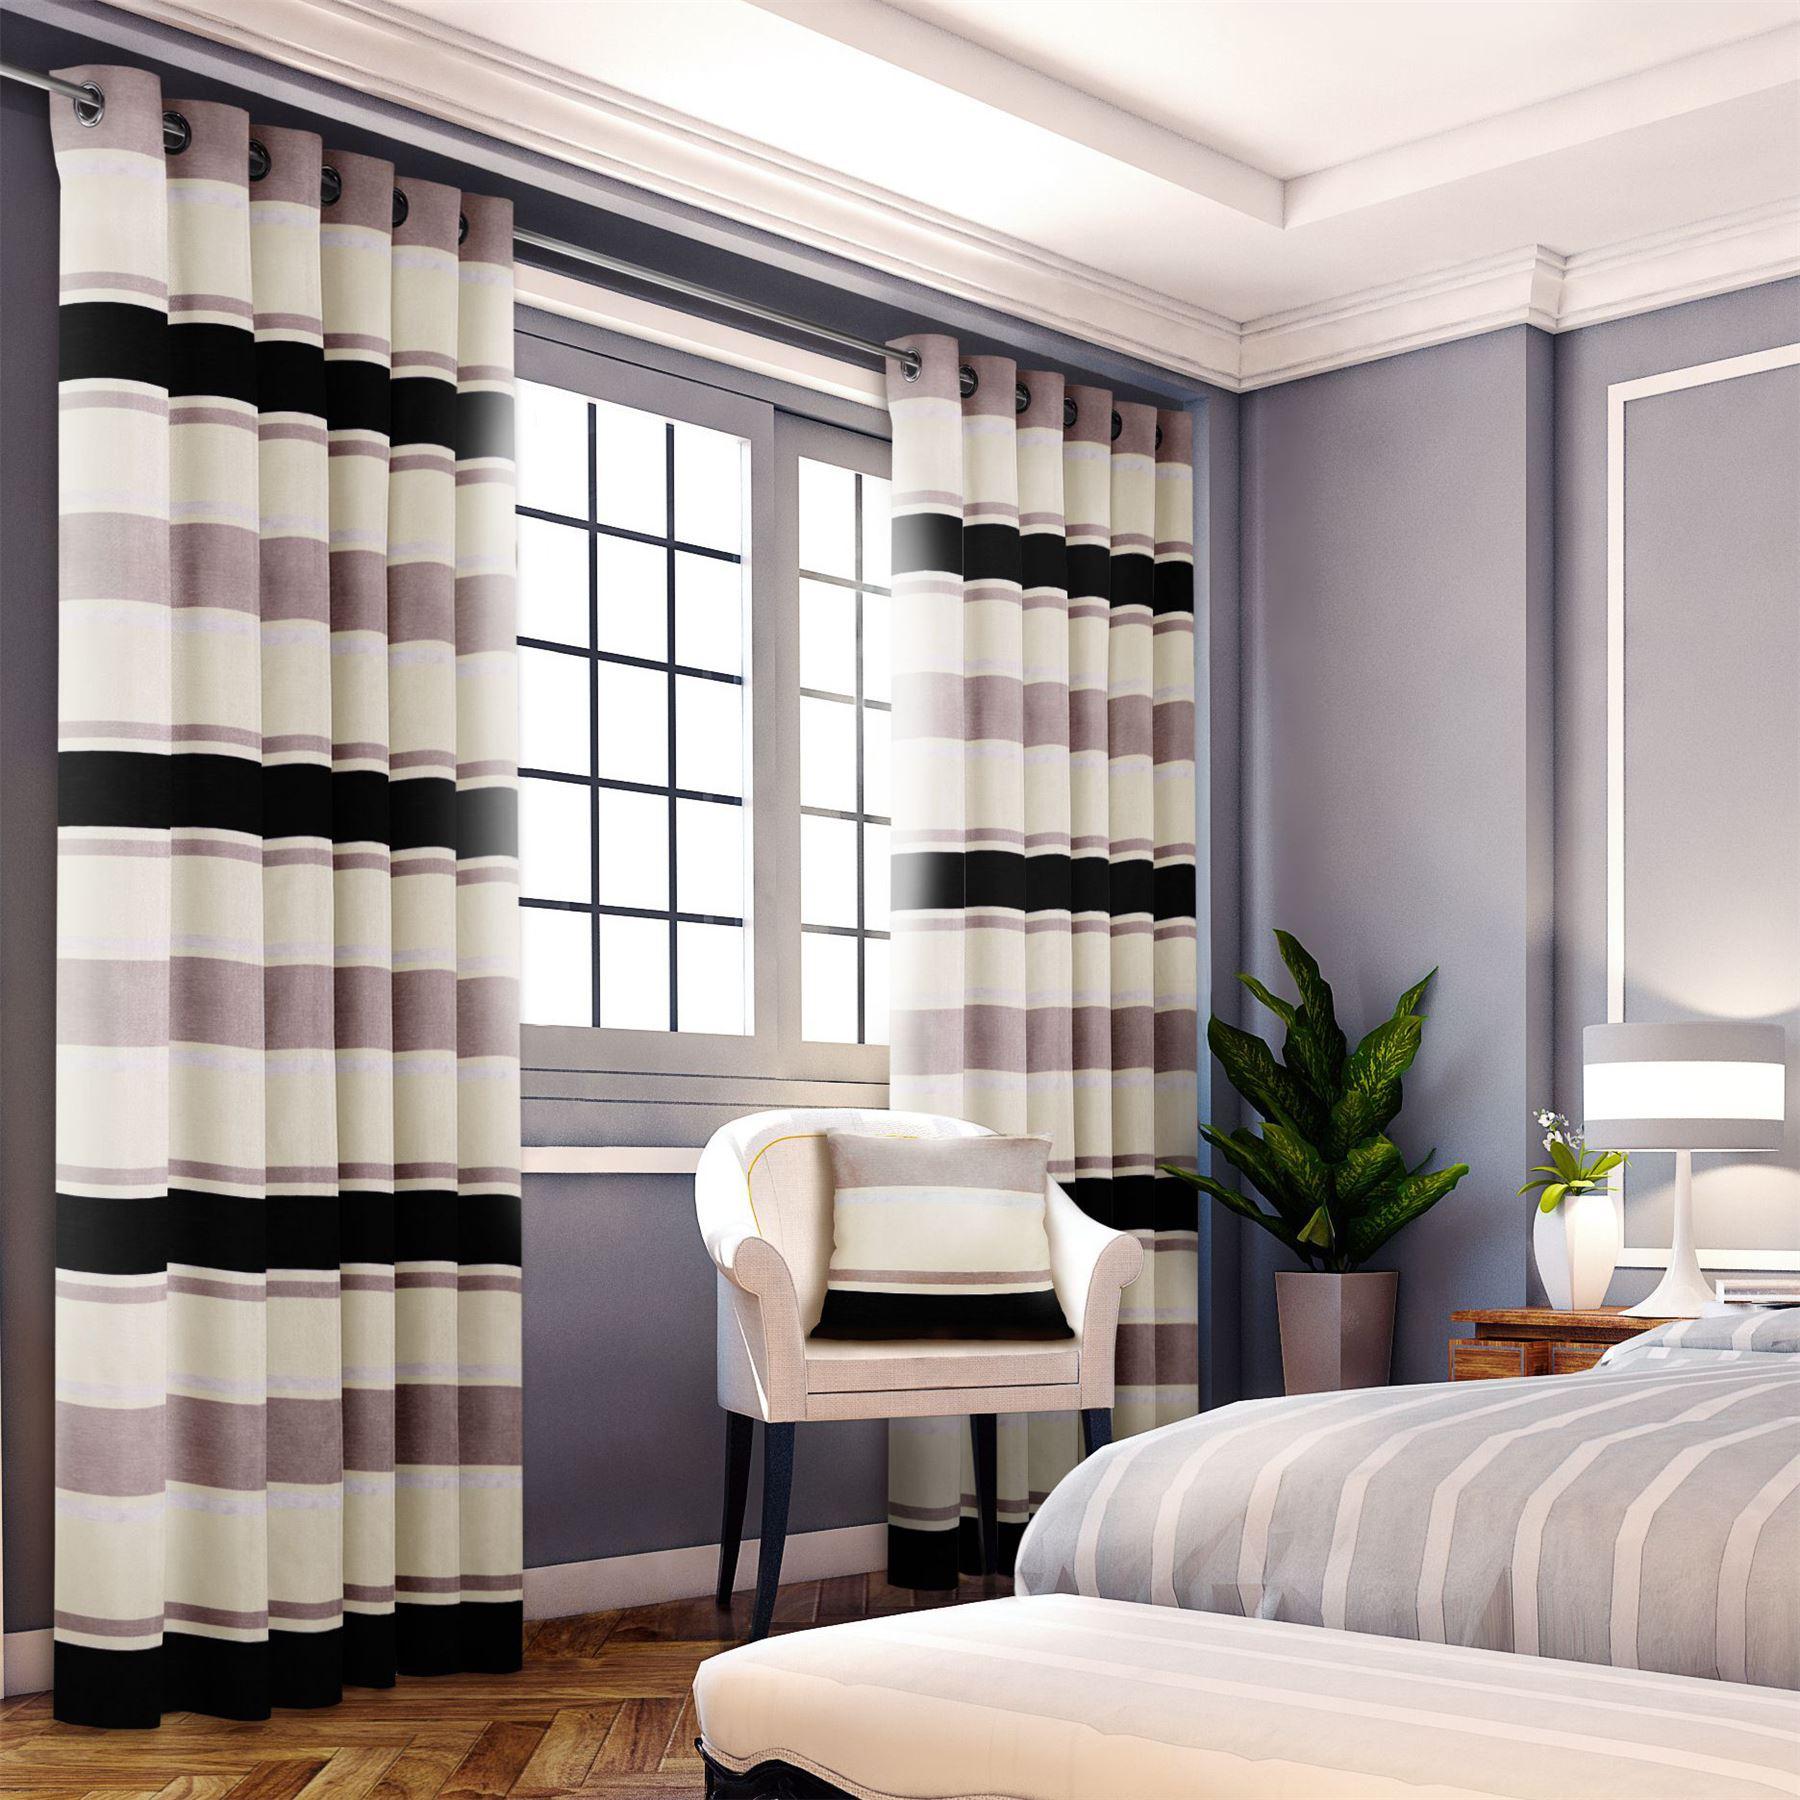 chenille jacquard rayures beige noir doubl rideaux anneaux rideaux 6 tailles ebay. Black Bedroom Furniture Sets. Home Design Ideas